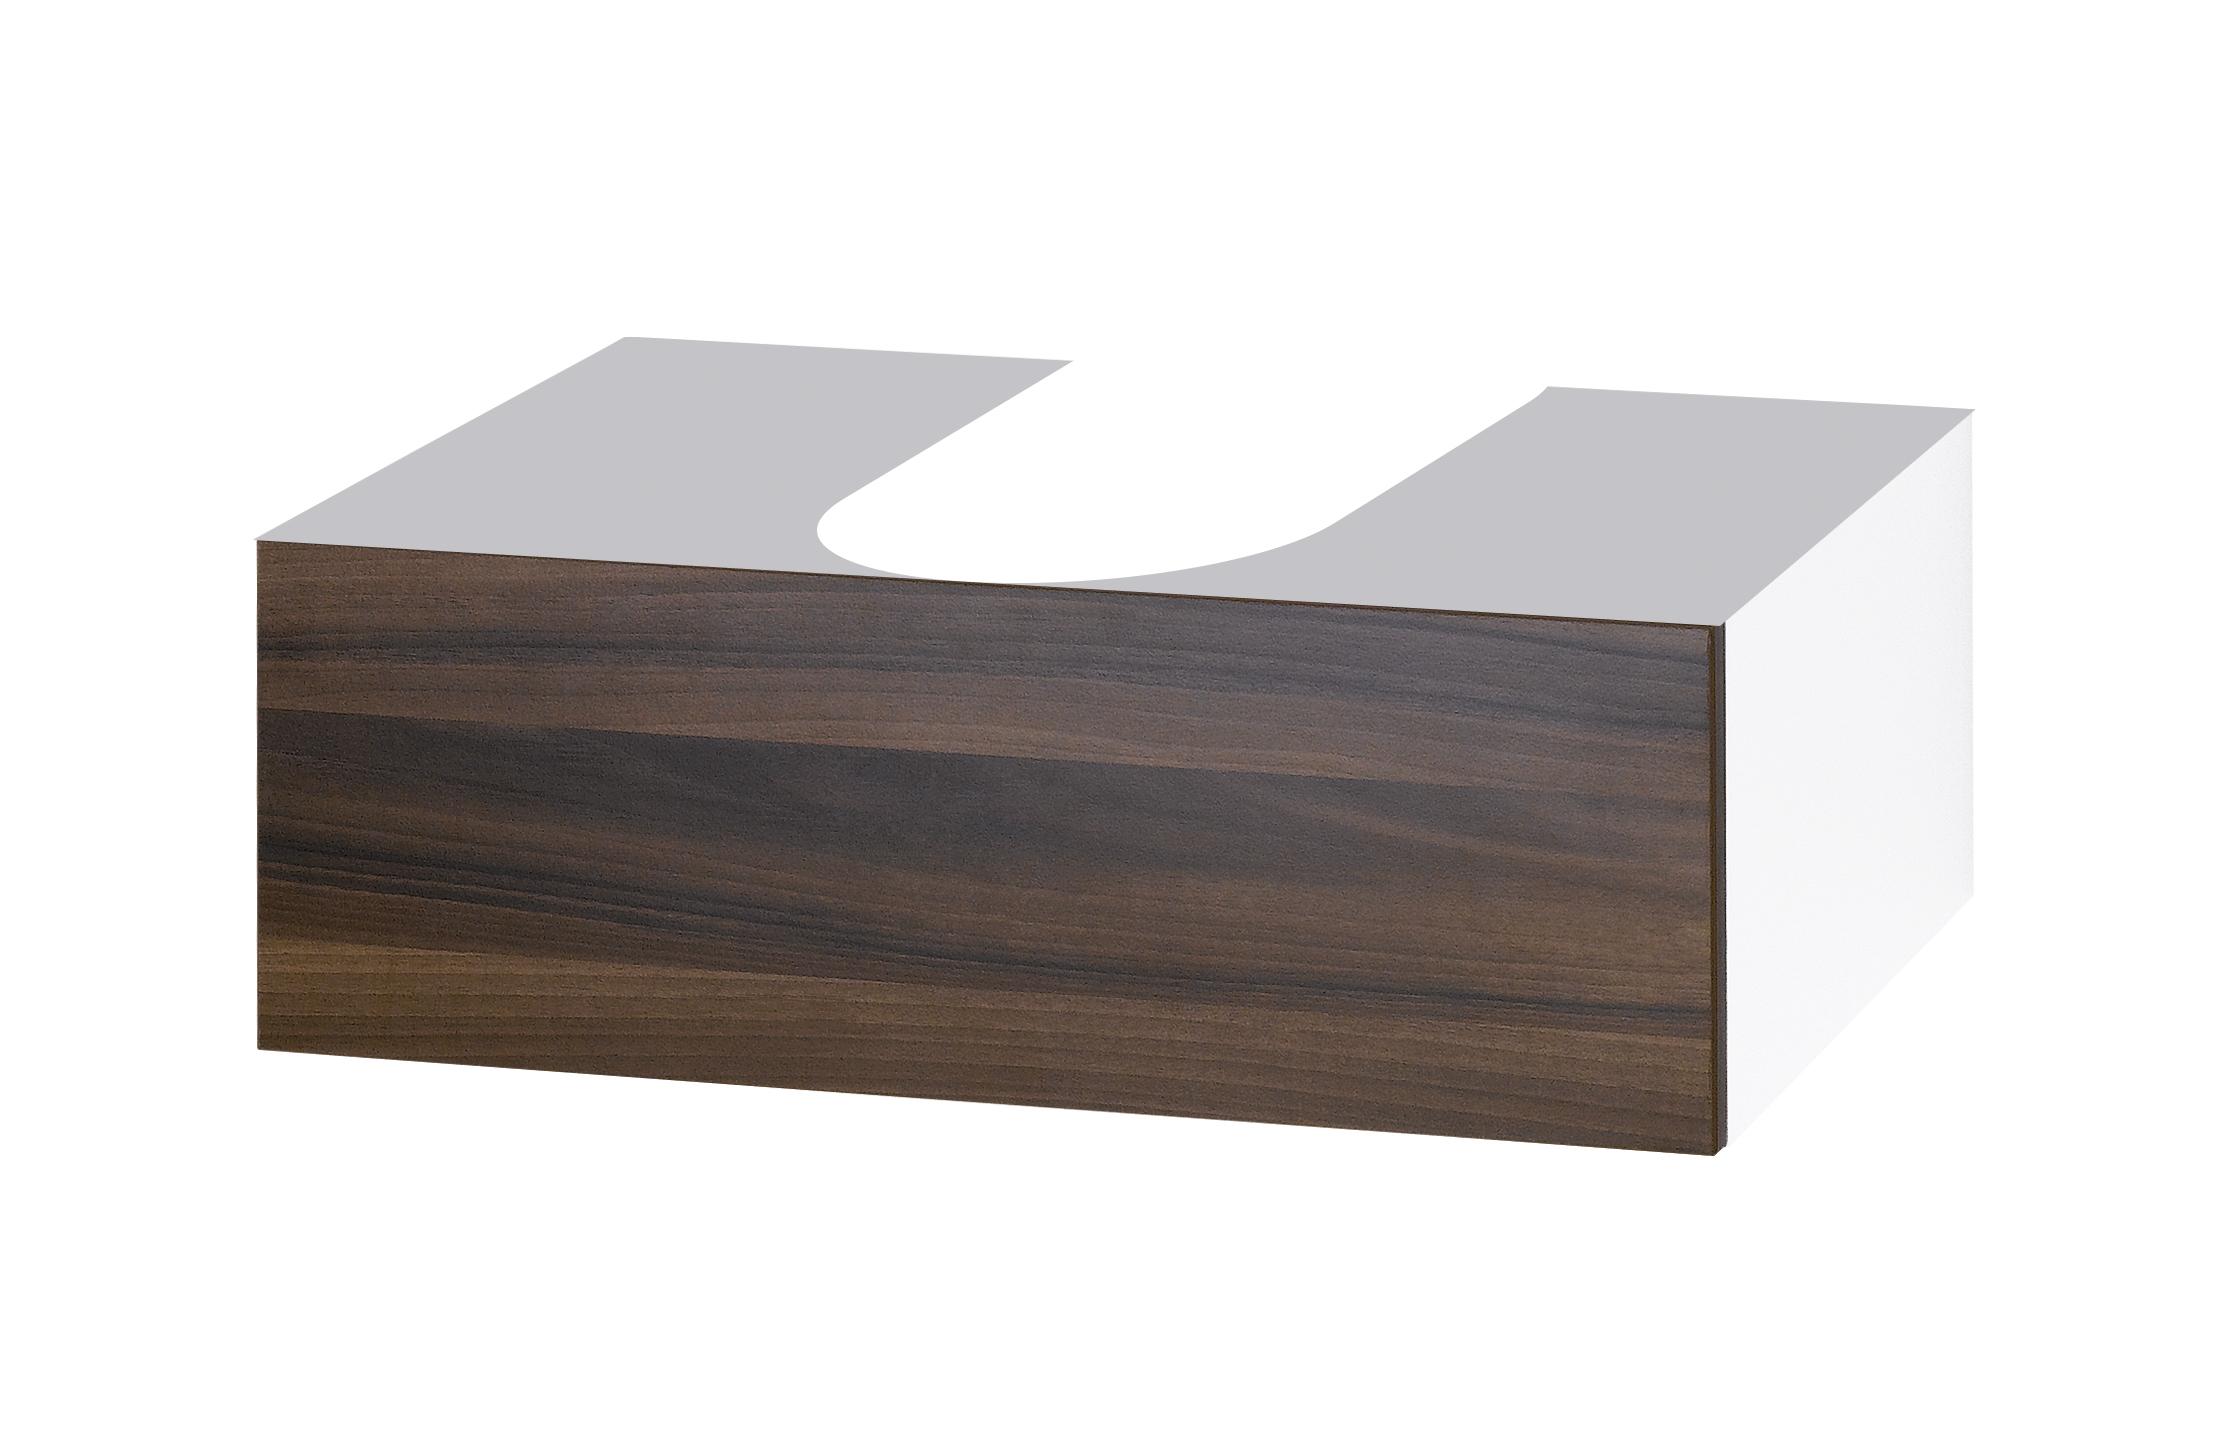 Ящик DrejaМебель для ванной комнаты<br>Тип: ящик,<br>Тип установки мебели для ванной: под раковину,<br>Материал изготовления мебели для ванной: дсп,<br>Цвет мебели для ванной: цвета под дерево<br>